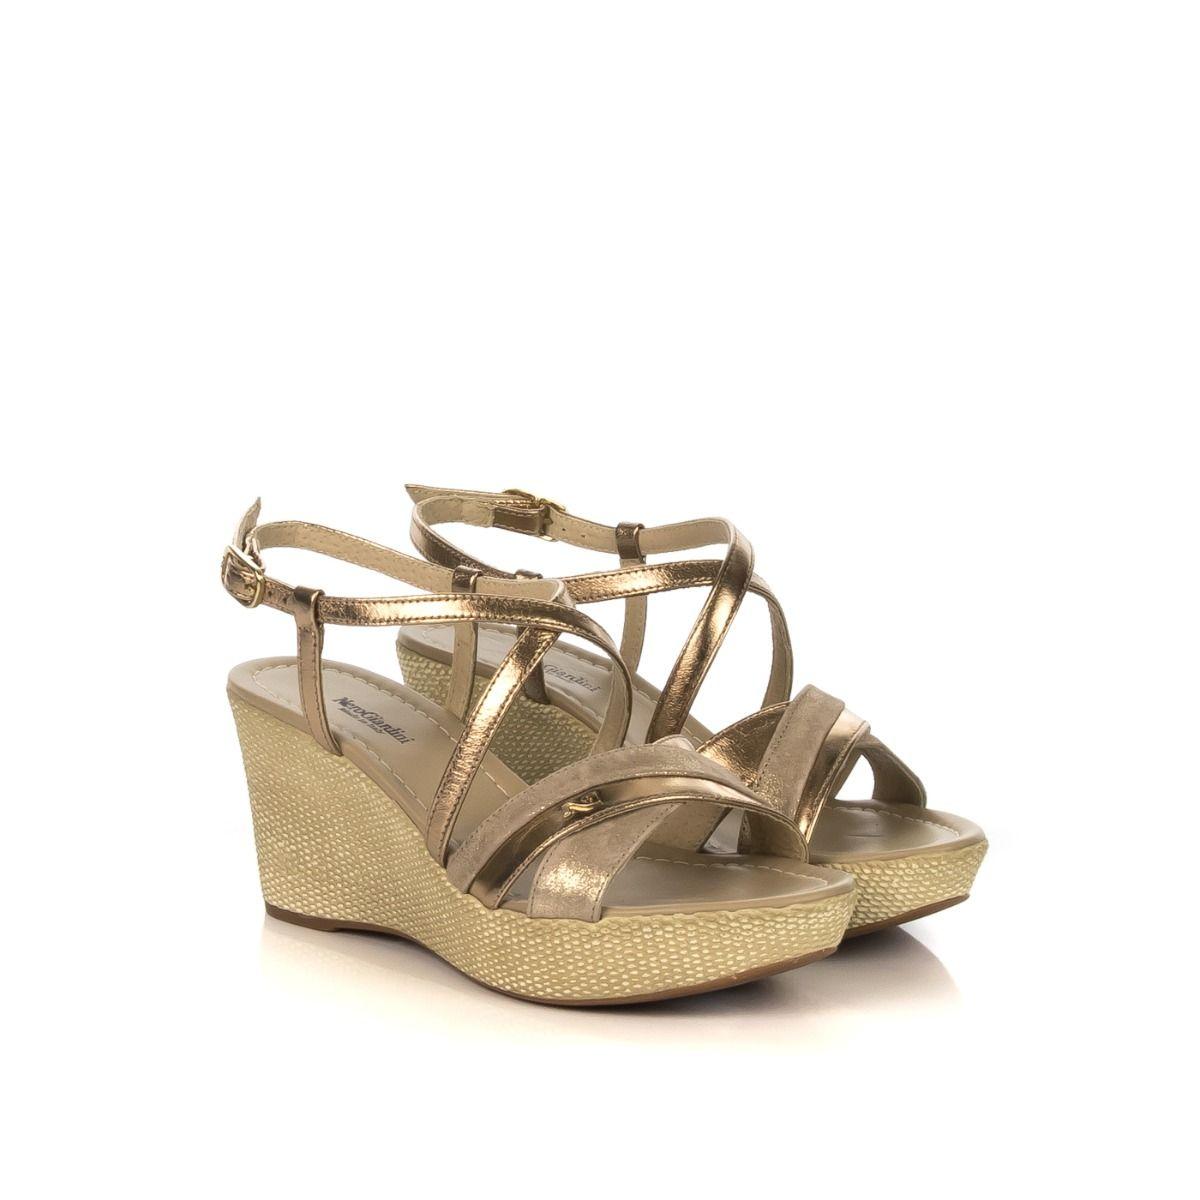 Sandalo donna zeppa|NERO GIARDINI P908112D 434 in pelle